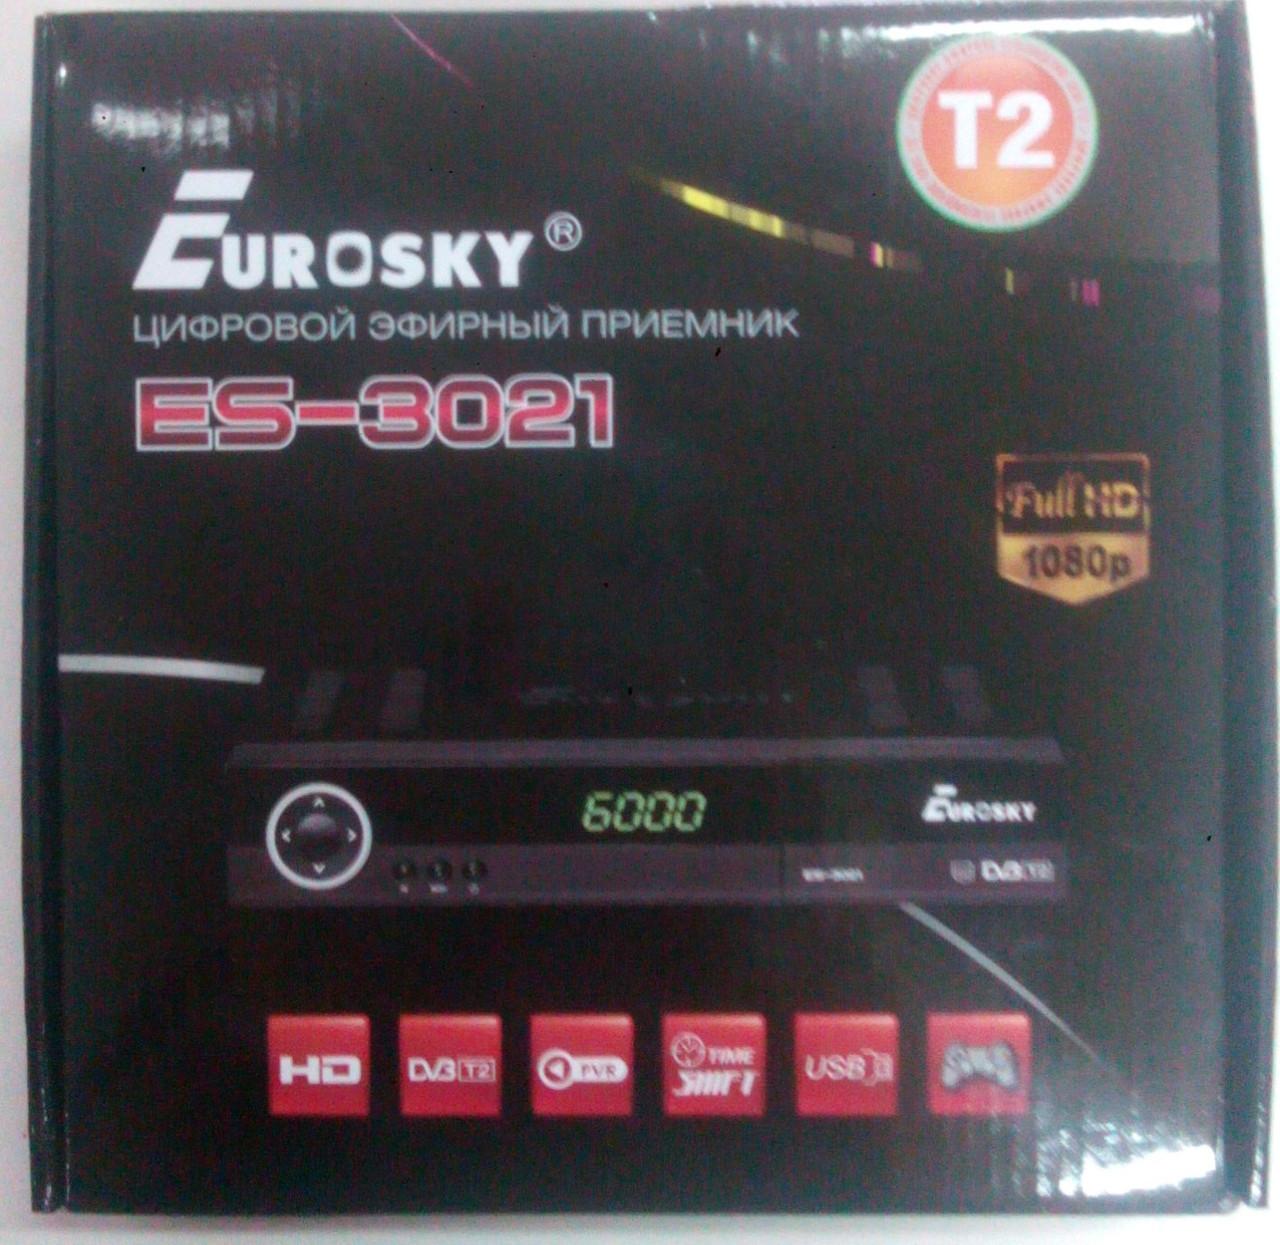 Цифровой эфирный DVB-T2 ресивер тюнер-Eurosky ES-3021